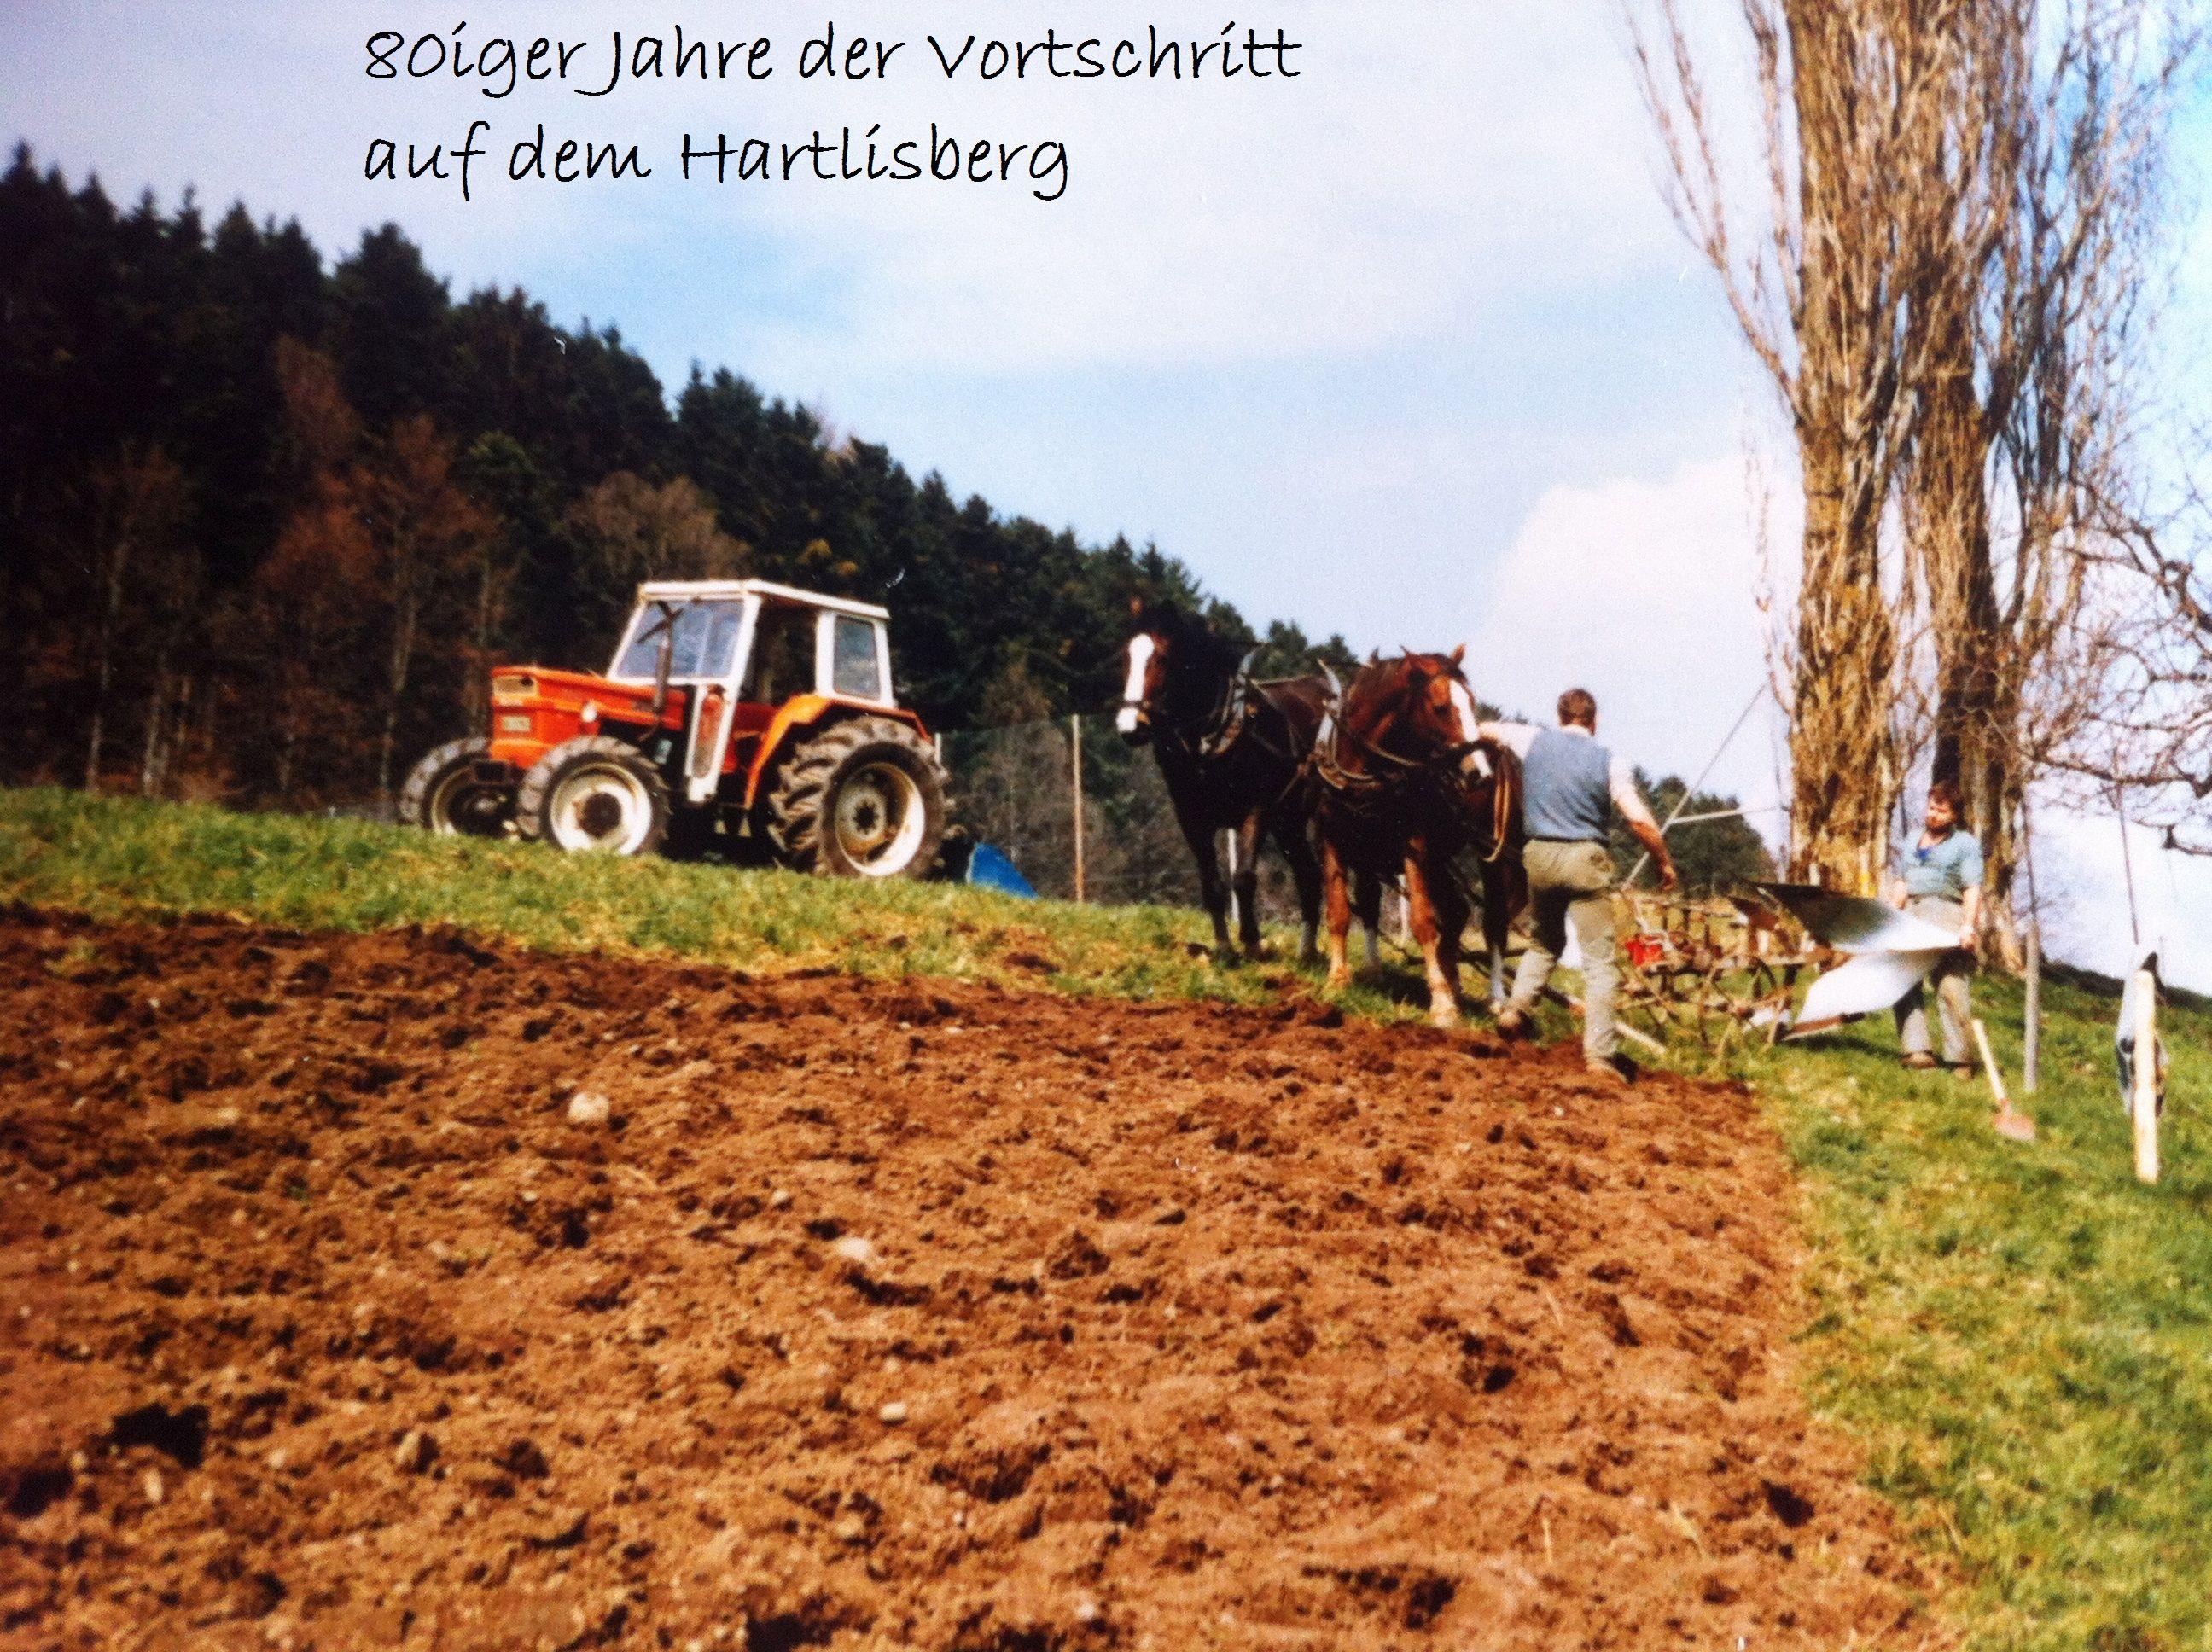 Luginbühl H.C. (10)